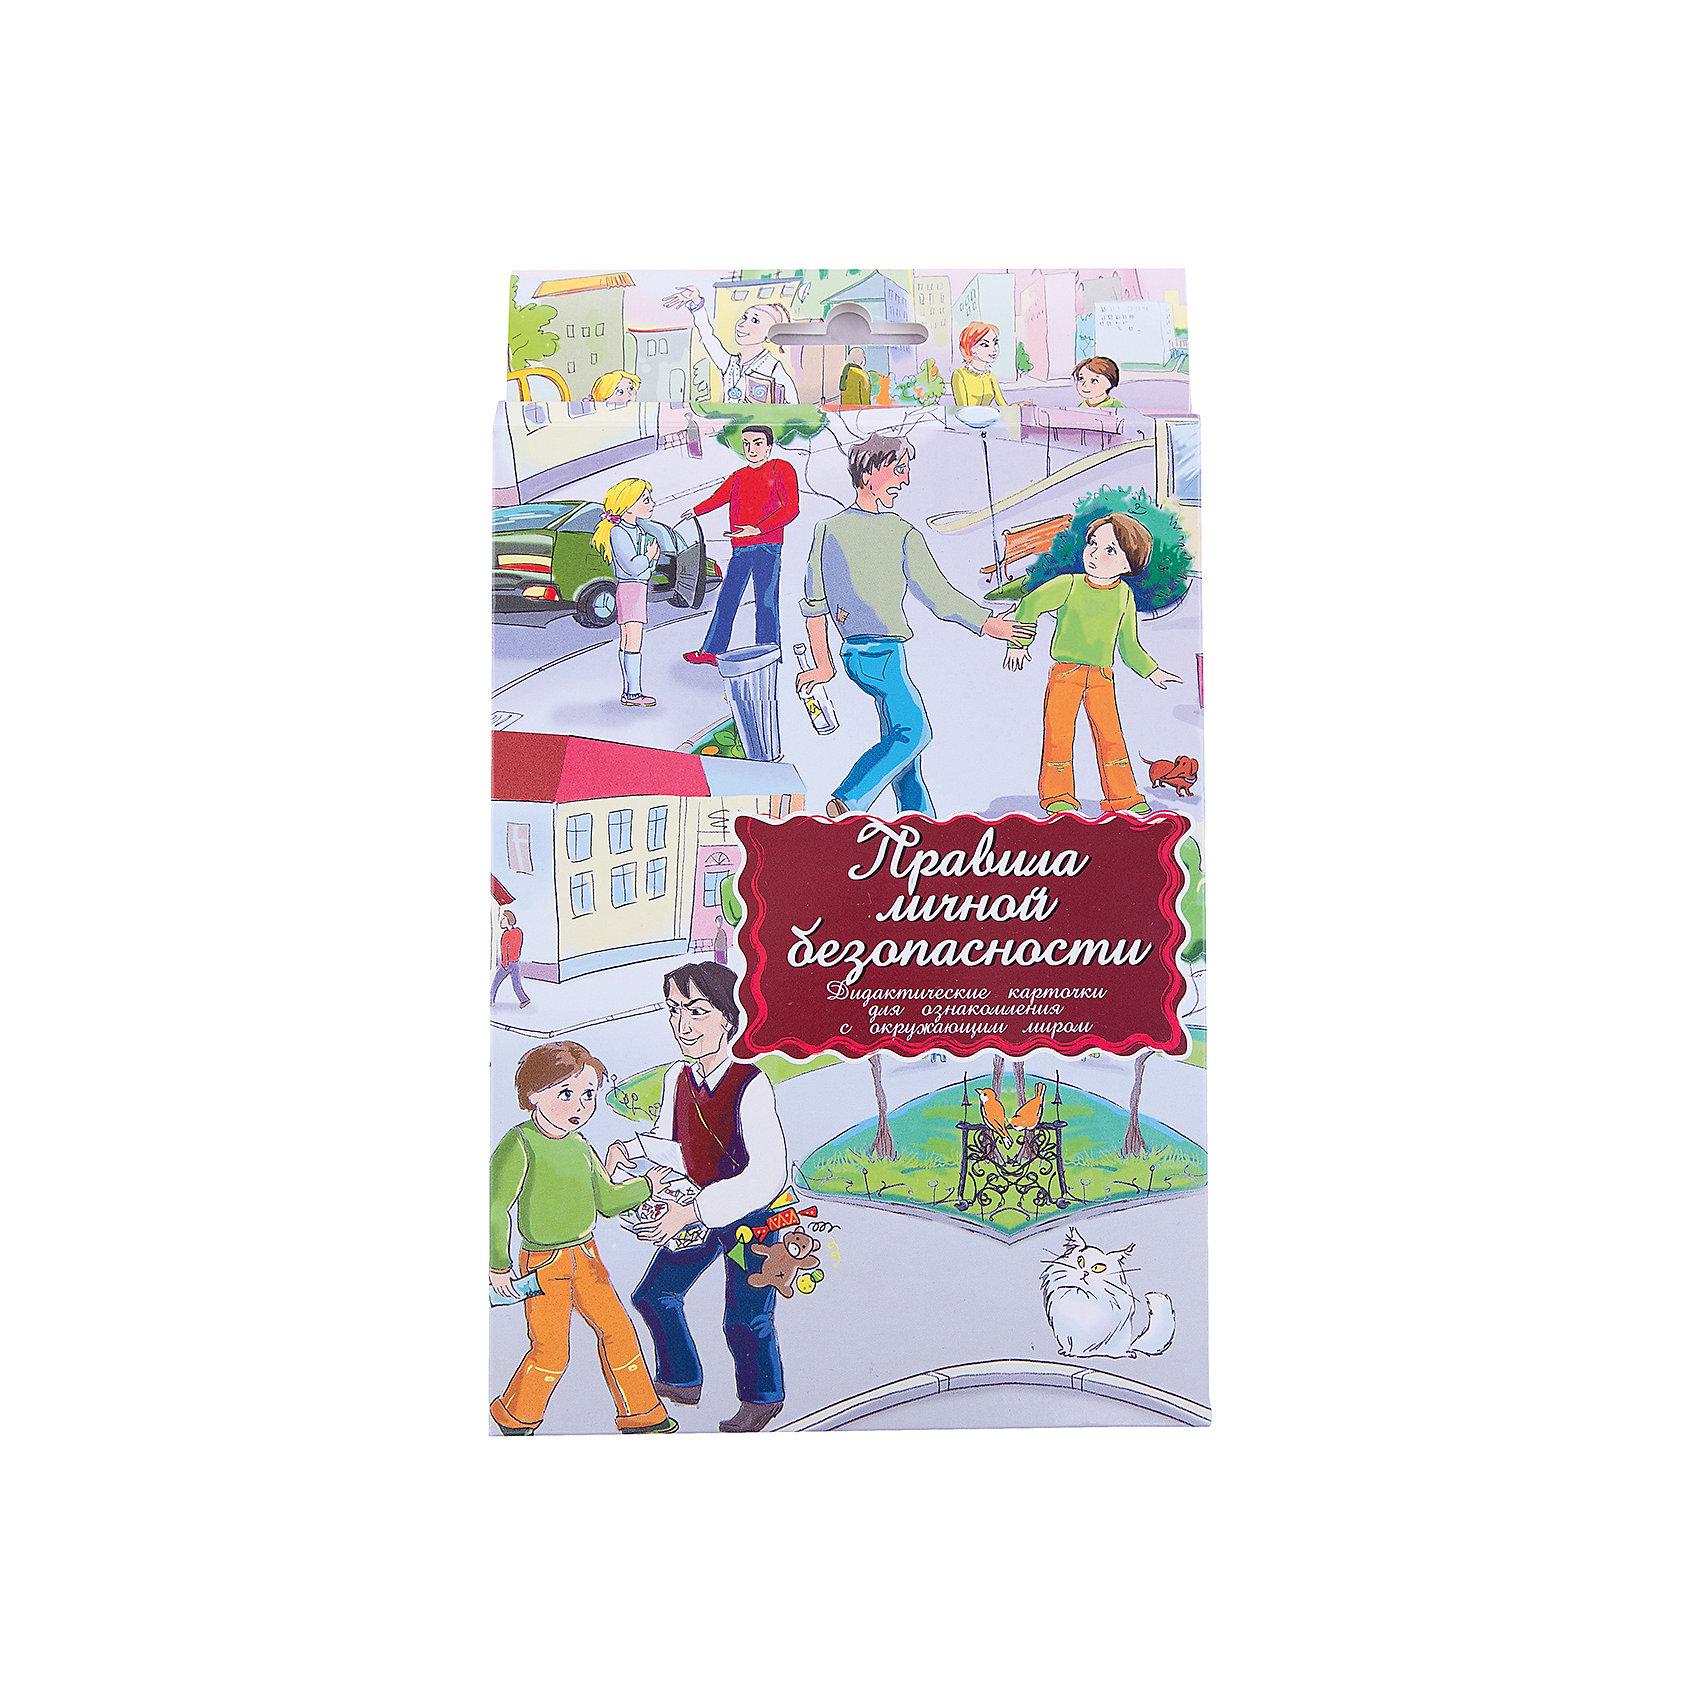 Дидактические карточки Правила личной безопасностиОбучающие карточки<br>Тематические комплекты дидактических карточек помогут познакомить ребенка с окружающим миром, развить речевые умения, научить сравнивать, классифицировать, обобщать. Карточки рекомендуются родителям для познавательных игр с детьми и занятий  по методике Г.Домана.  Могут использоваться в индивидуальной и групповой работе логопедами, психологами, воспитателями детских садов, учителями начальных классов.  В каждом комплекте 16 карточек, каждая из которых содержит интересную познавательную информацию об изображенном на ней предмете.<br><br>Ширина мм: 150<br>Глубина мм: 90<br>Высота мм: 90<br>Вес г: 200<br>Возраст от месяцев: 36<br>Возраст до месяцев: 2147483647<br>Пол: Унисекс<br>Возраст: Детский<br>SKU: 4802974